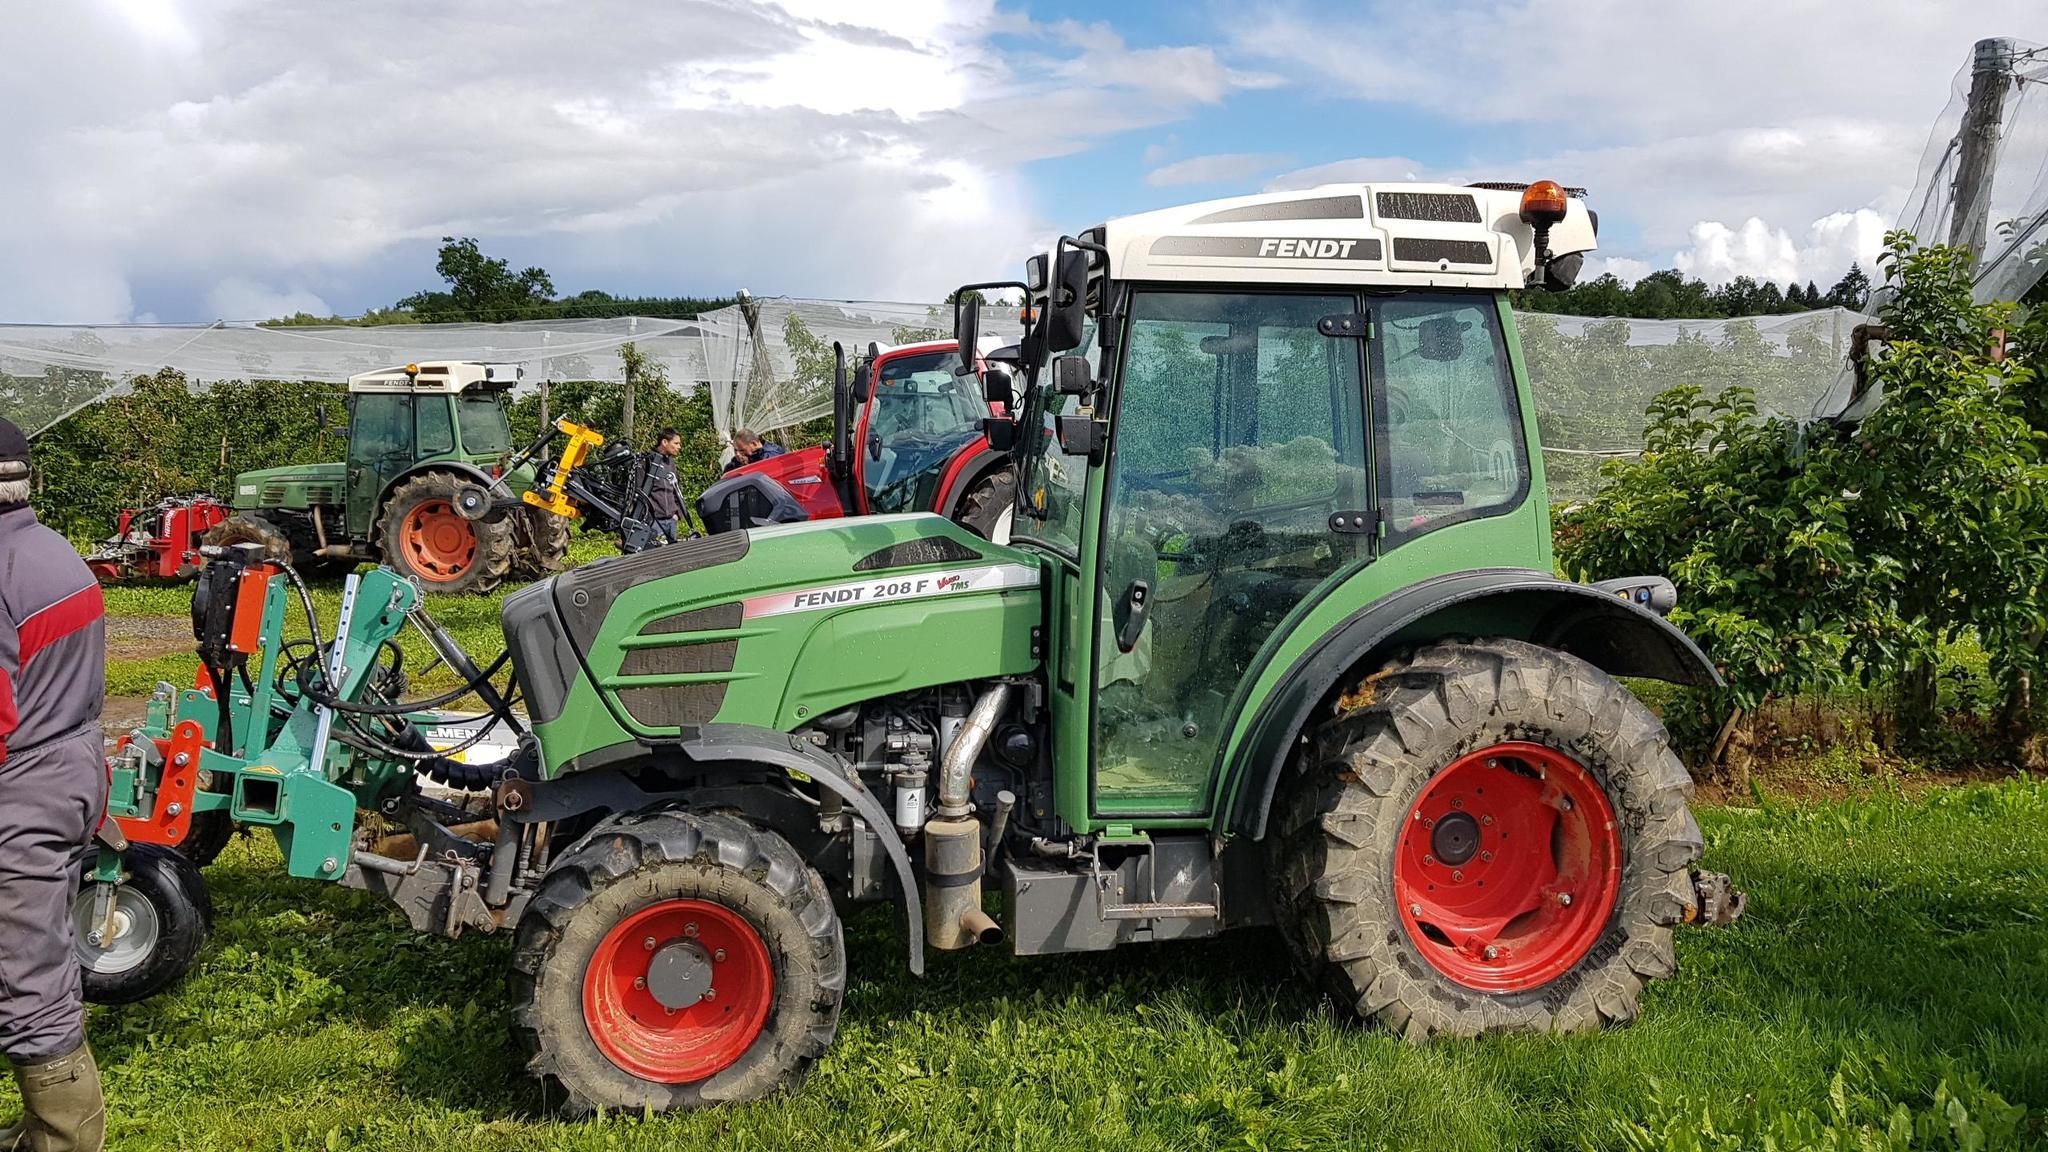 Tracteur Agricole Fendt D Occasion En Vente Sur Marsaleix